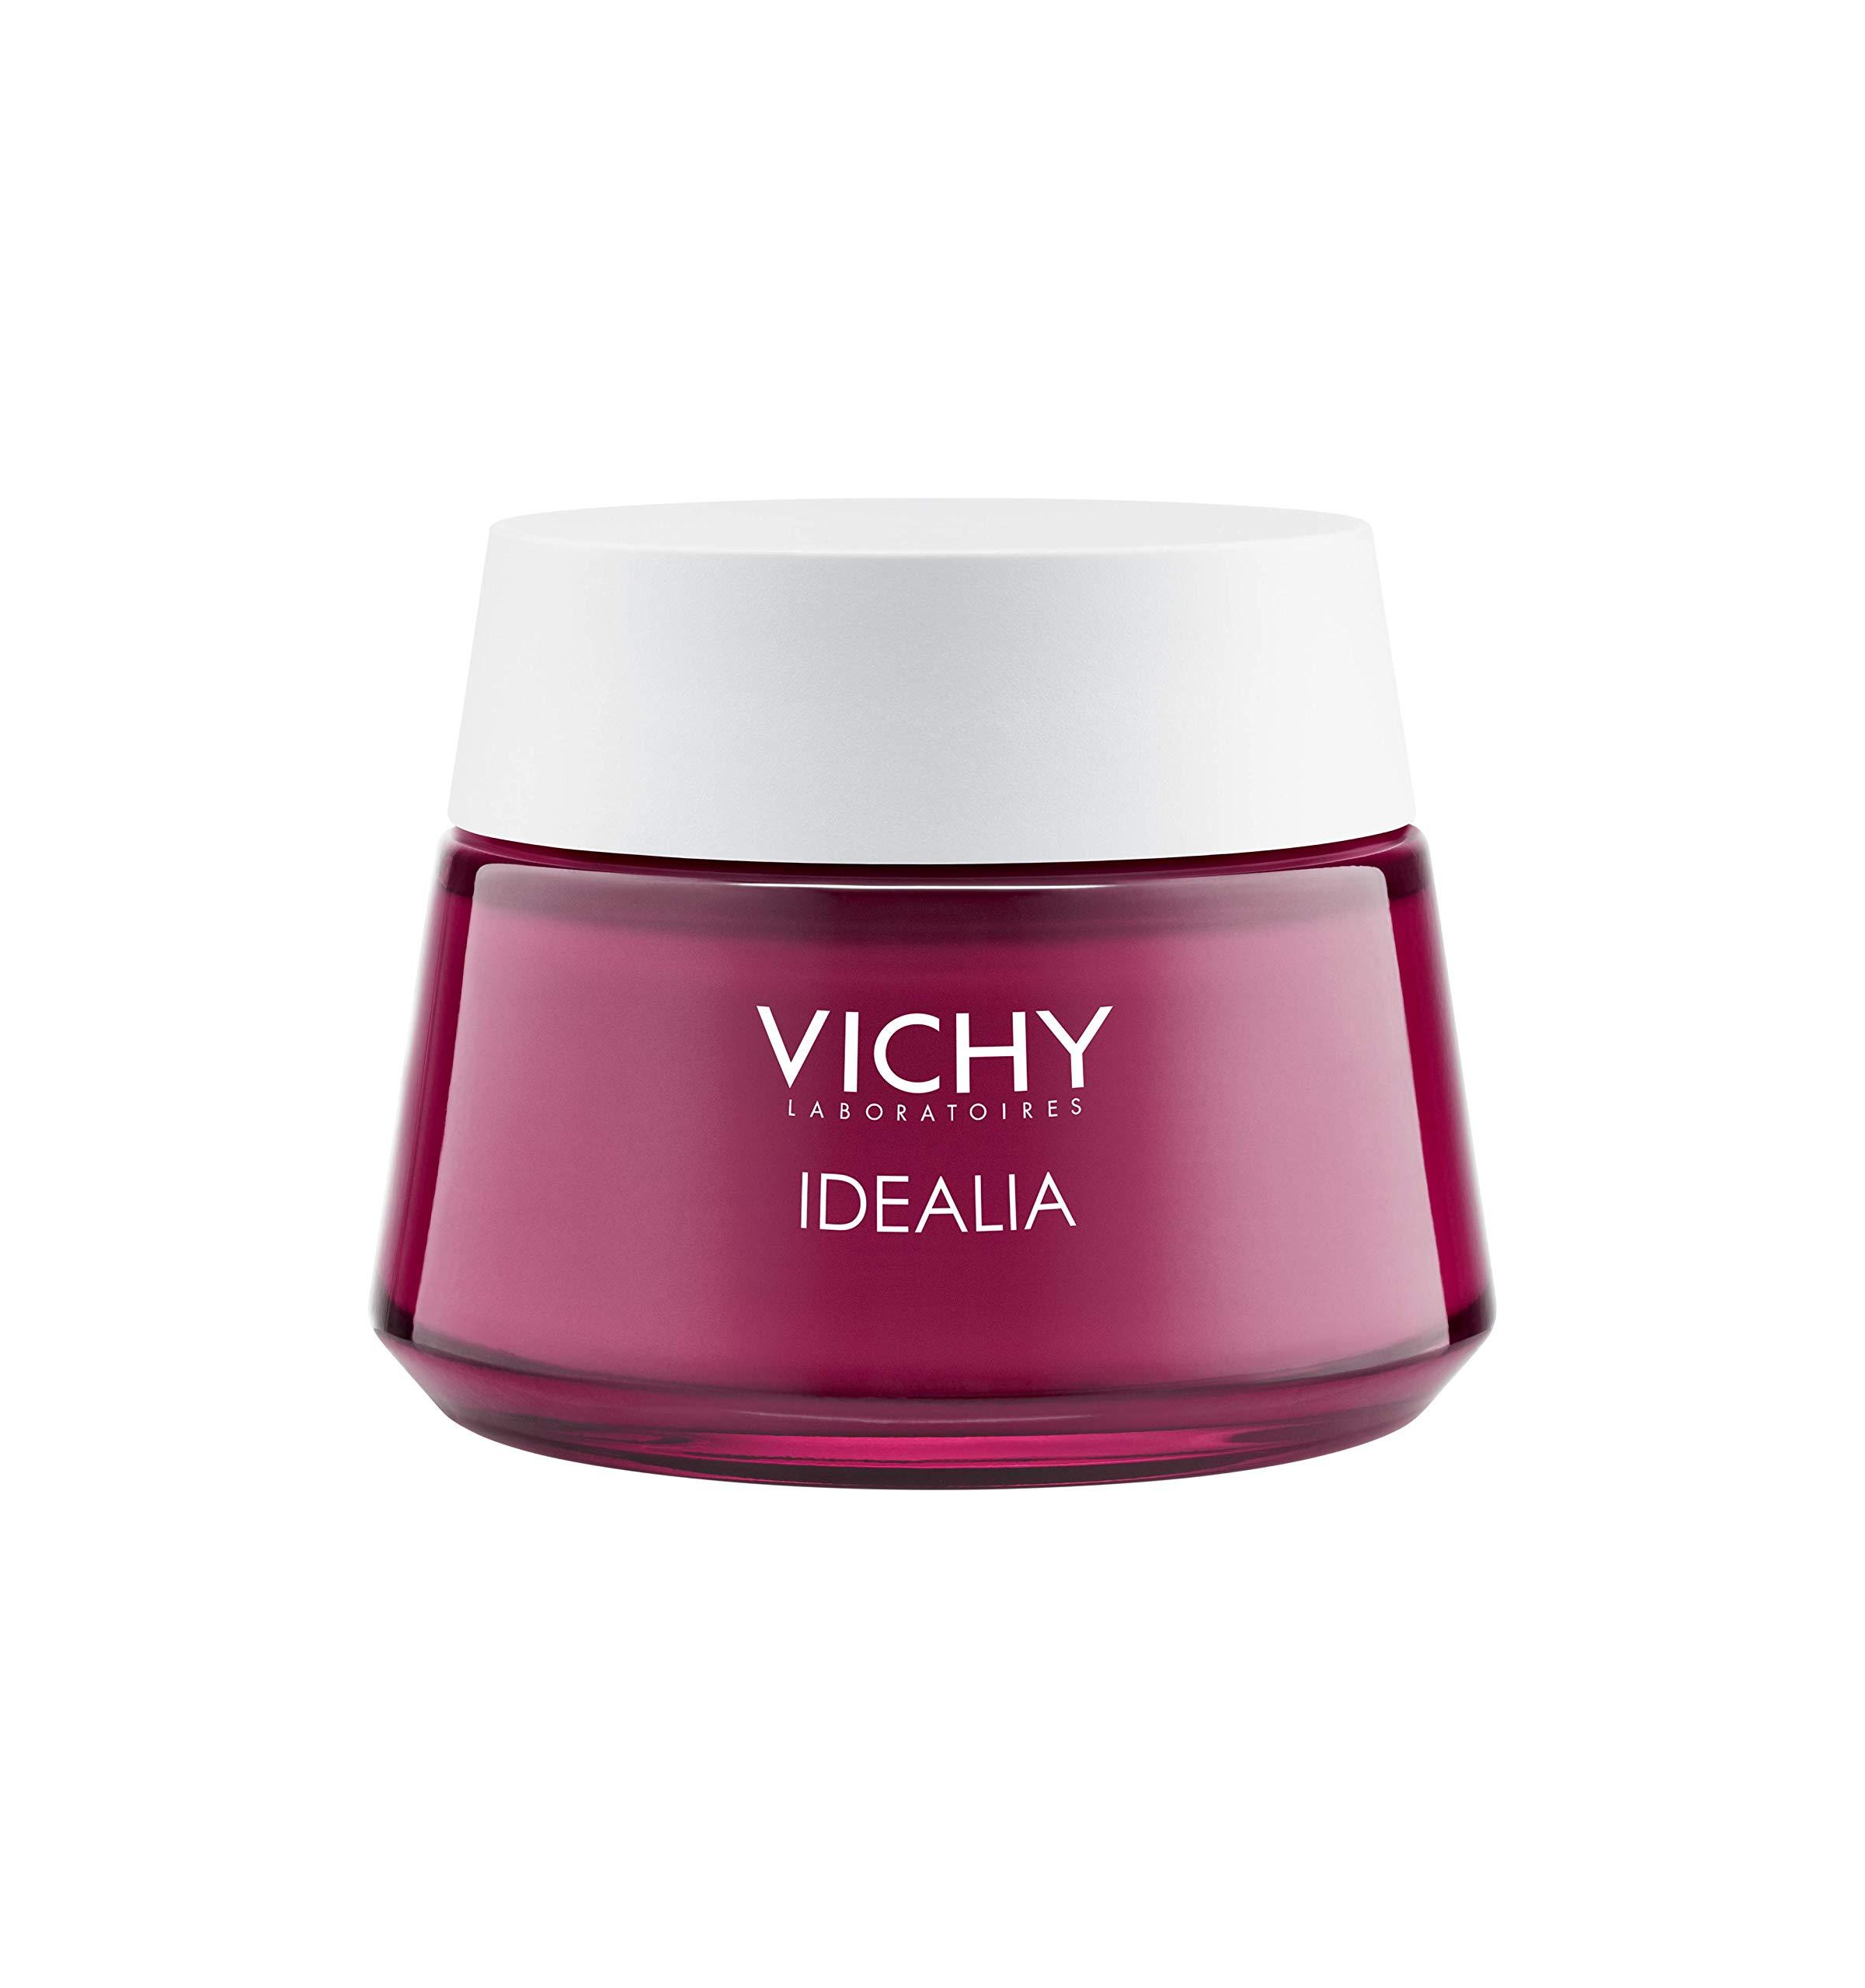 L'Orealvichy Face Cream, 210 g